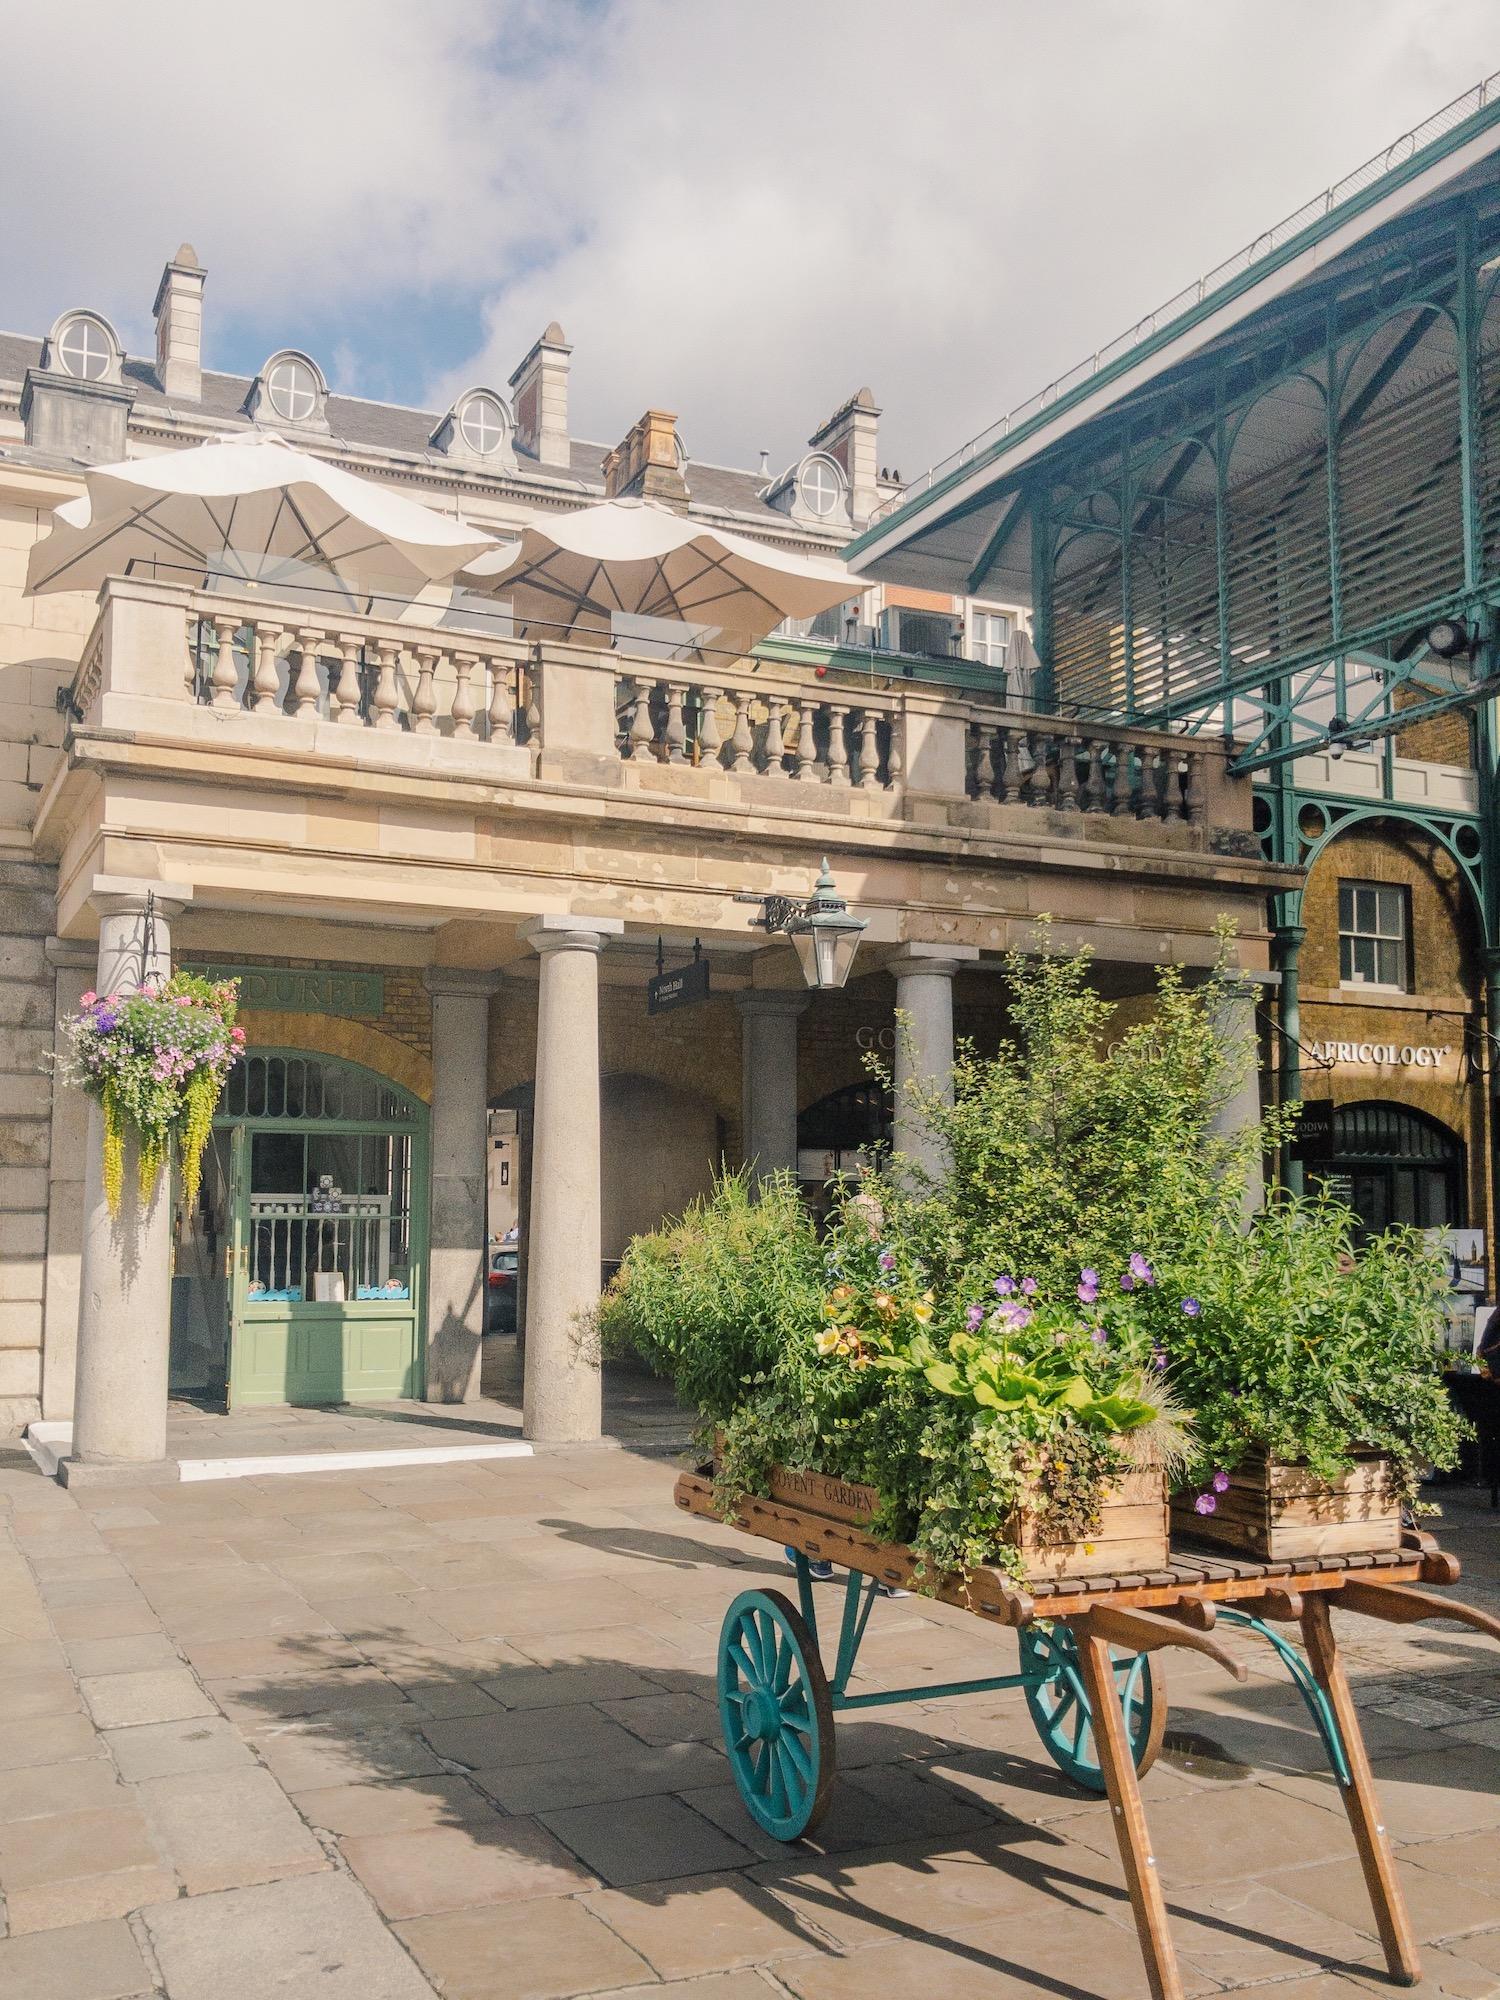 Covent Garden Market London.JPG